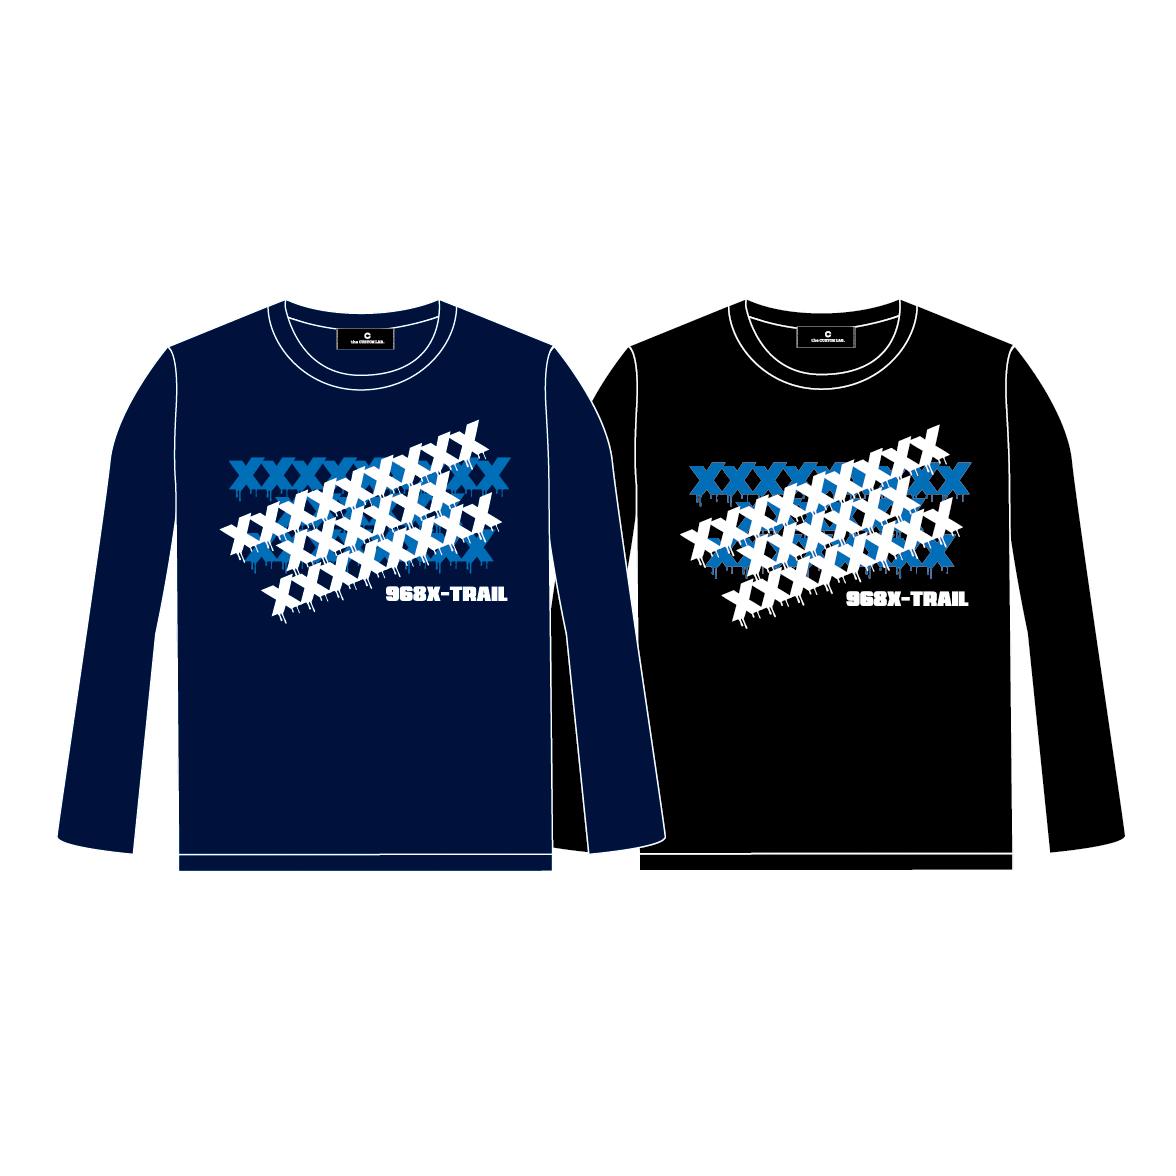 968 X-TRAIL ロングスリーブTシャツ XXXXXX/ブラック画像